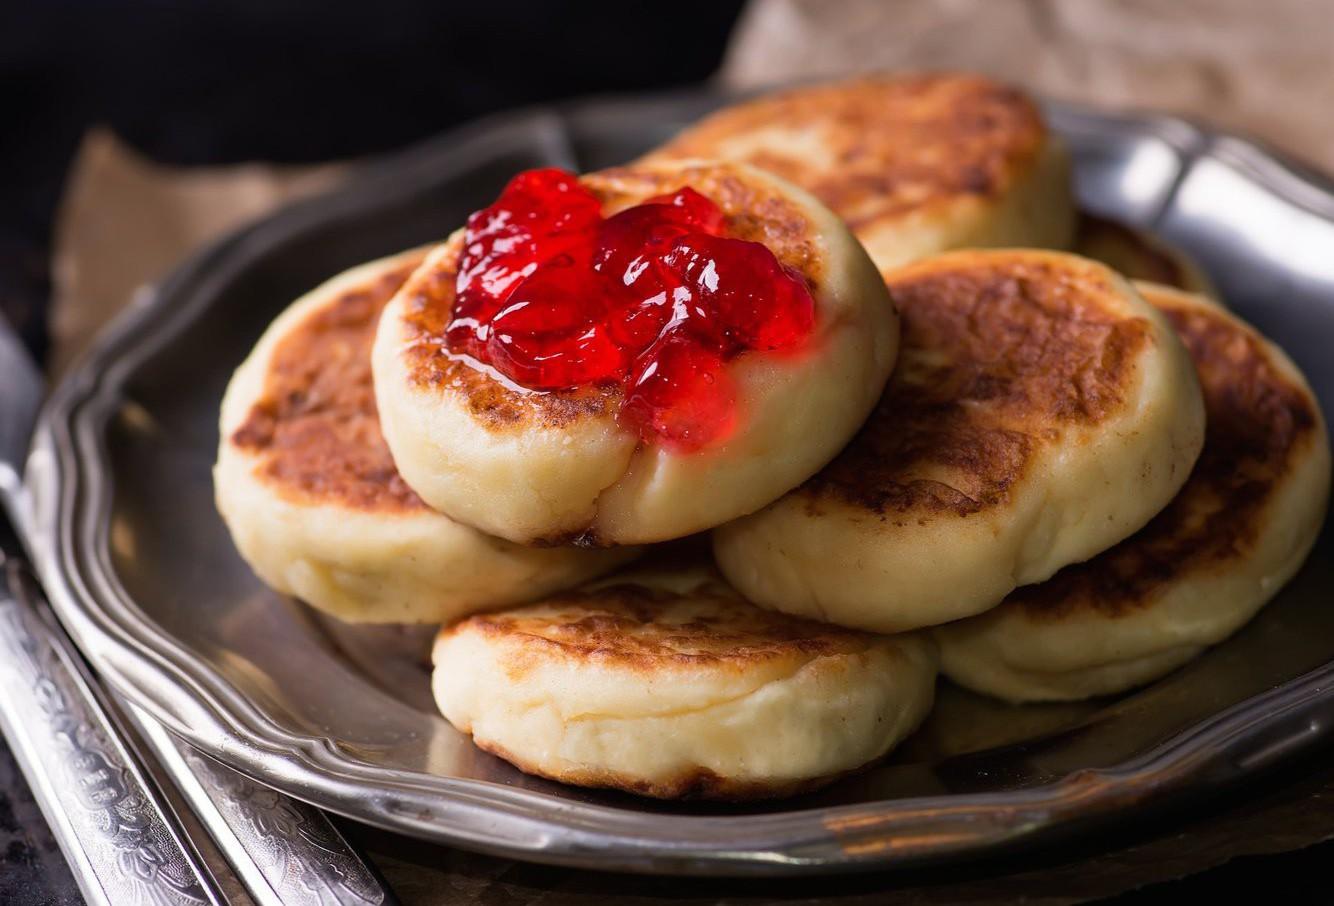 Chu du thế giới với 24 loại bánh tráng miệng hấp dẫn chỉ cần nhìn là muốn ăn ngay - Ảnh 7.